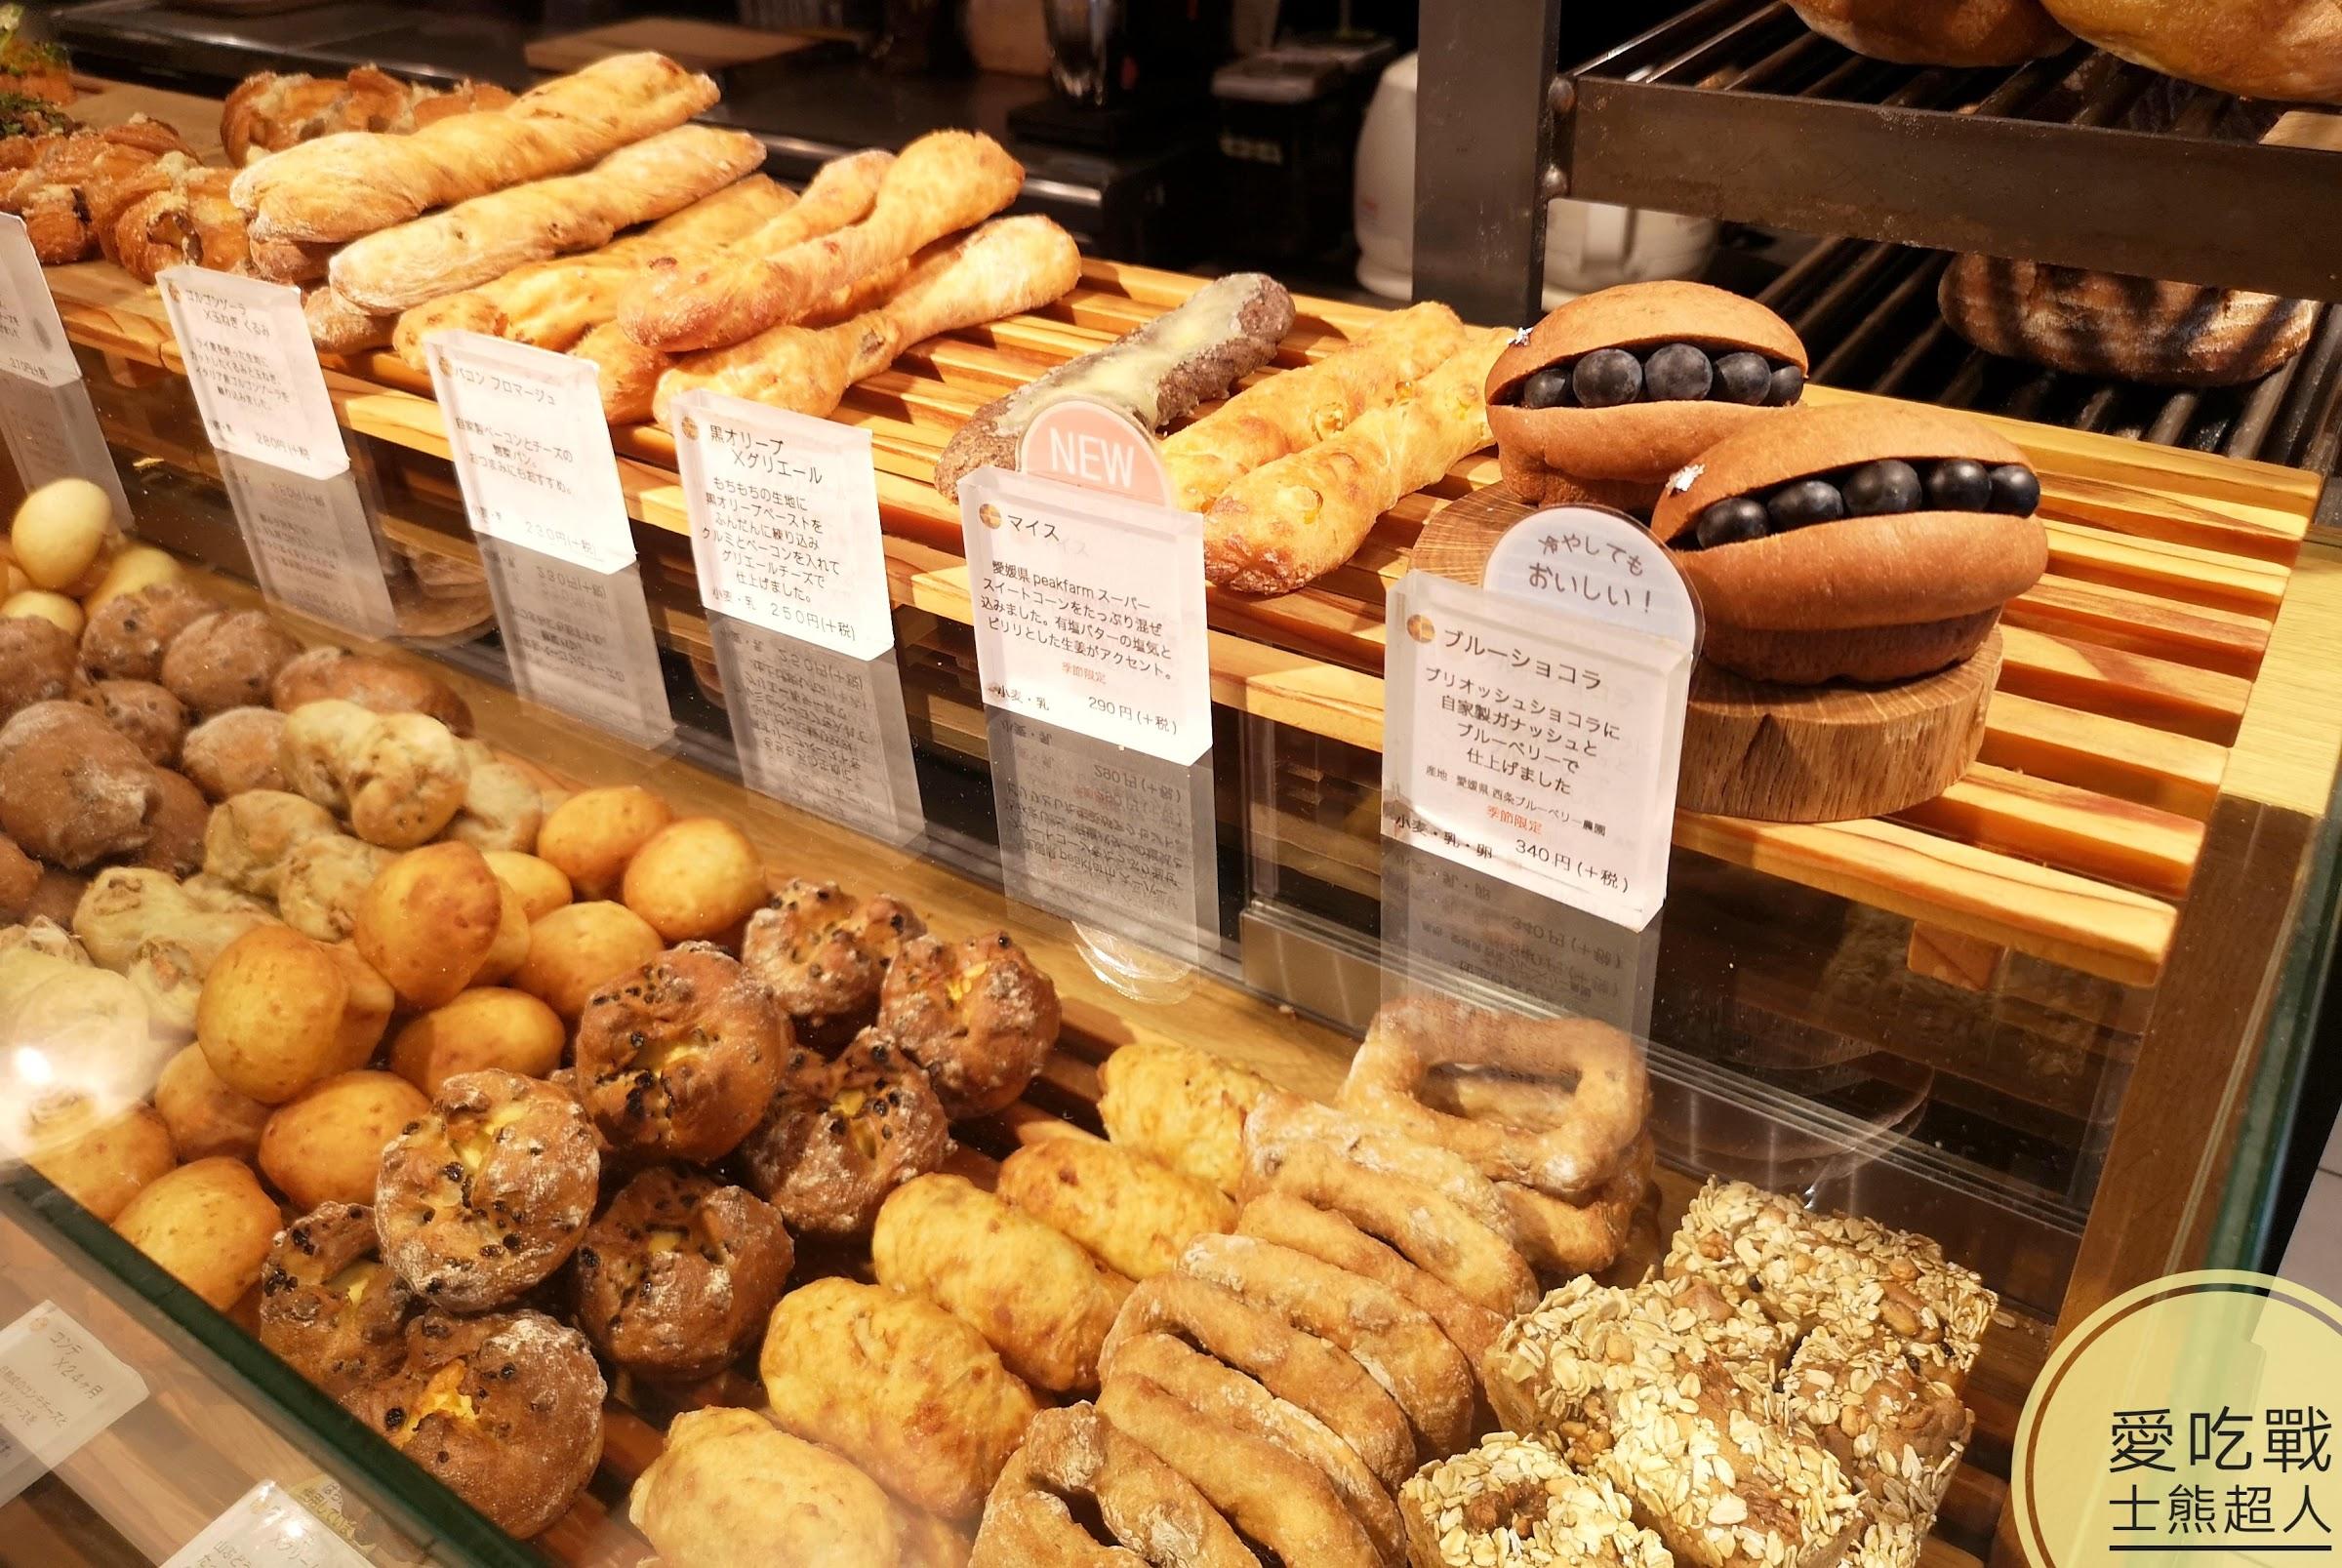 。東京 澀谷。365日:東京烘焙名所 麵包店 二刷(2019 08)